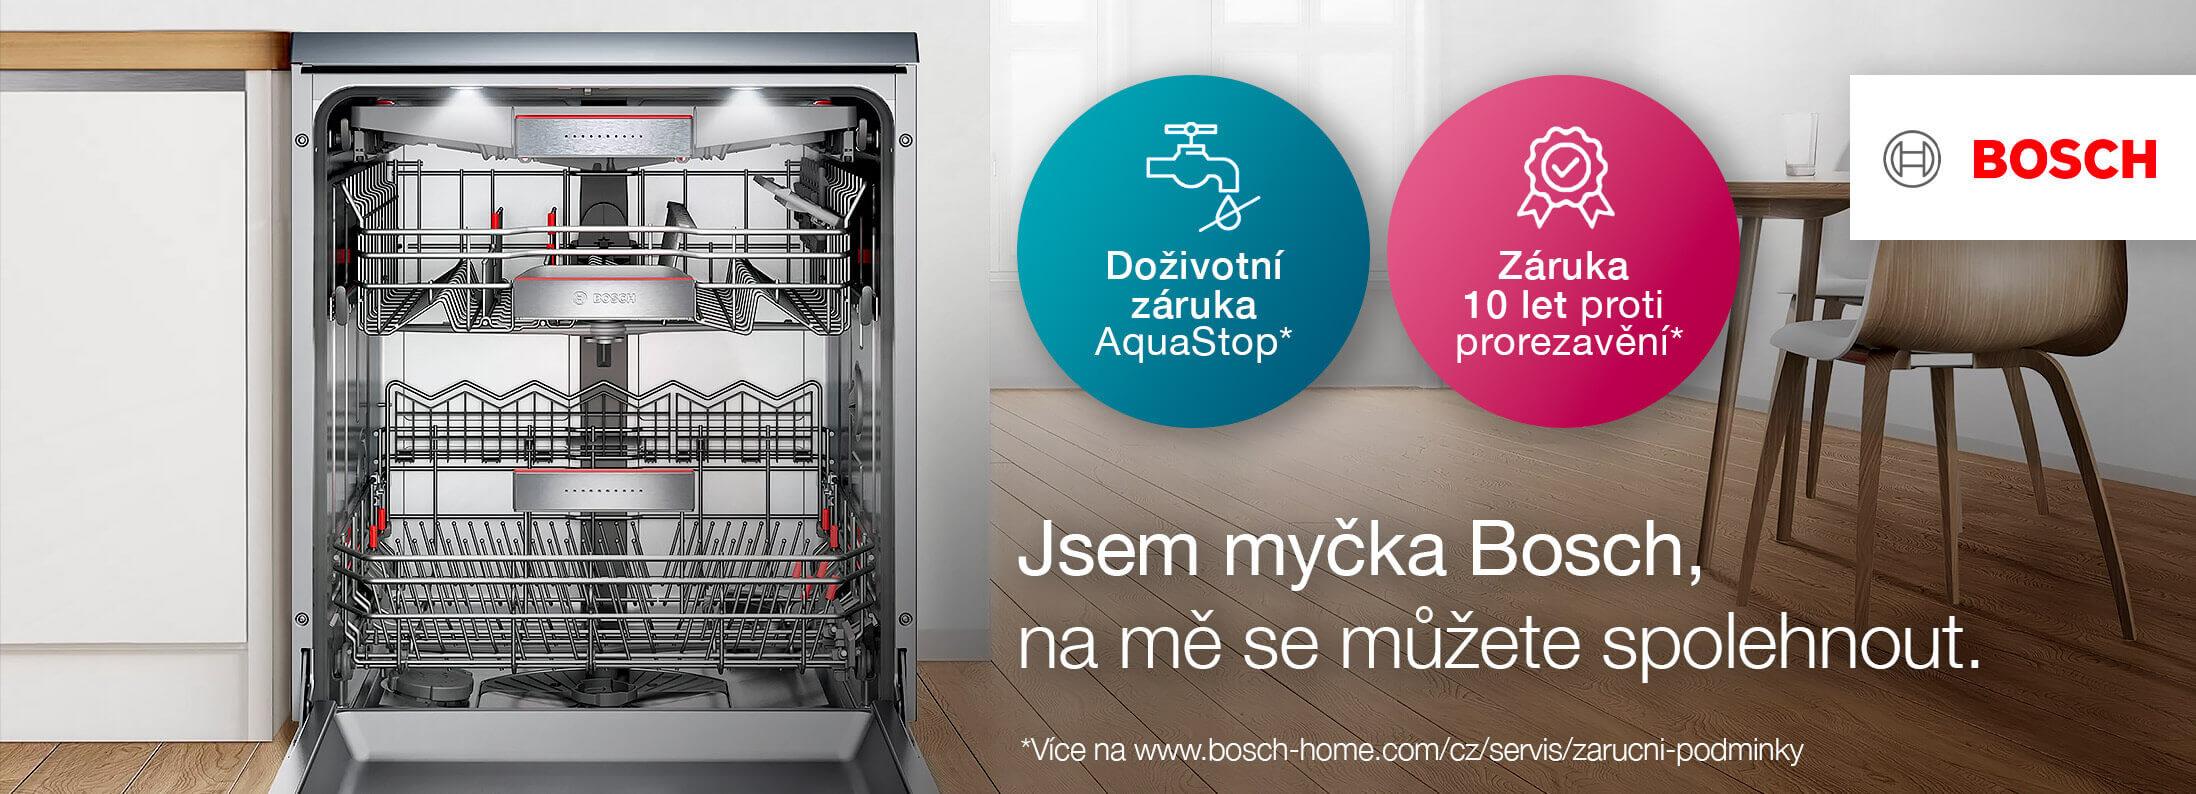 Bosch - Myčky nádobí - Doživotní záruka na AquaStop